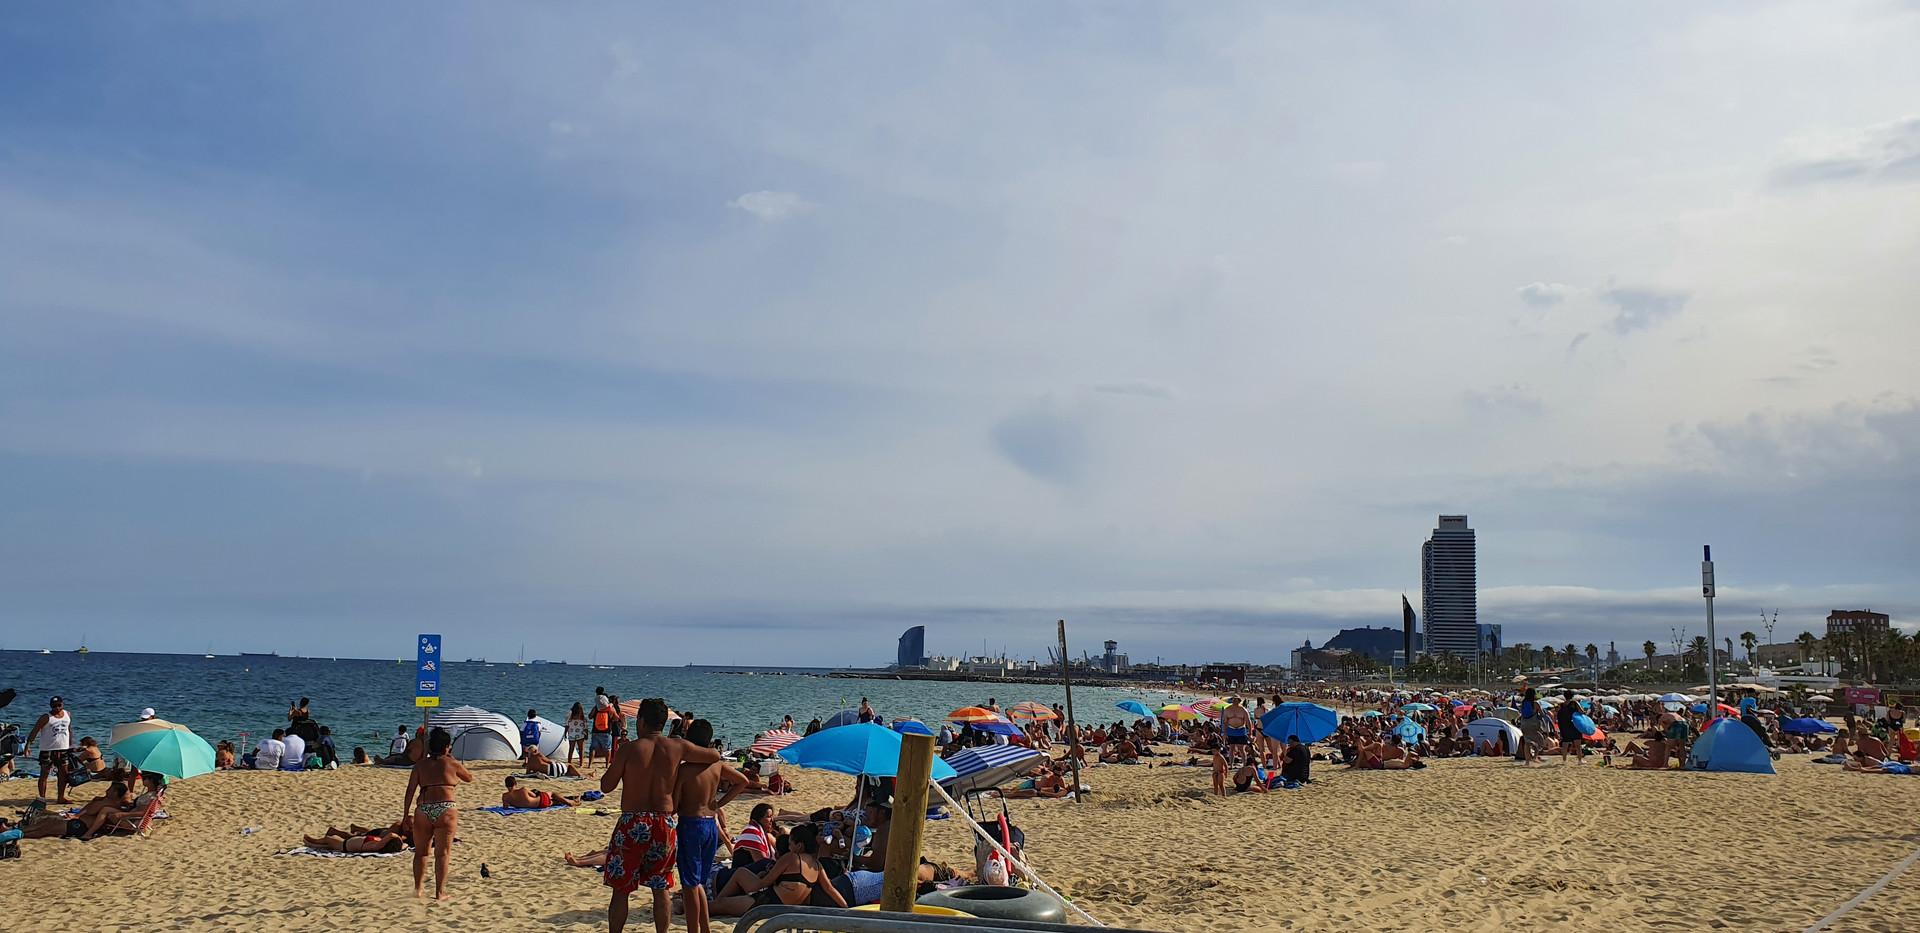 Beach in Barcelona